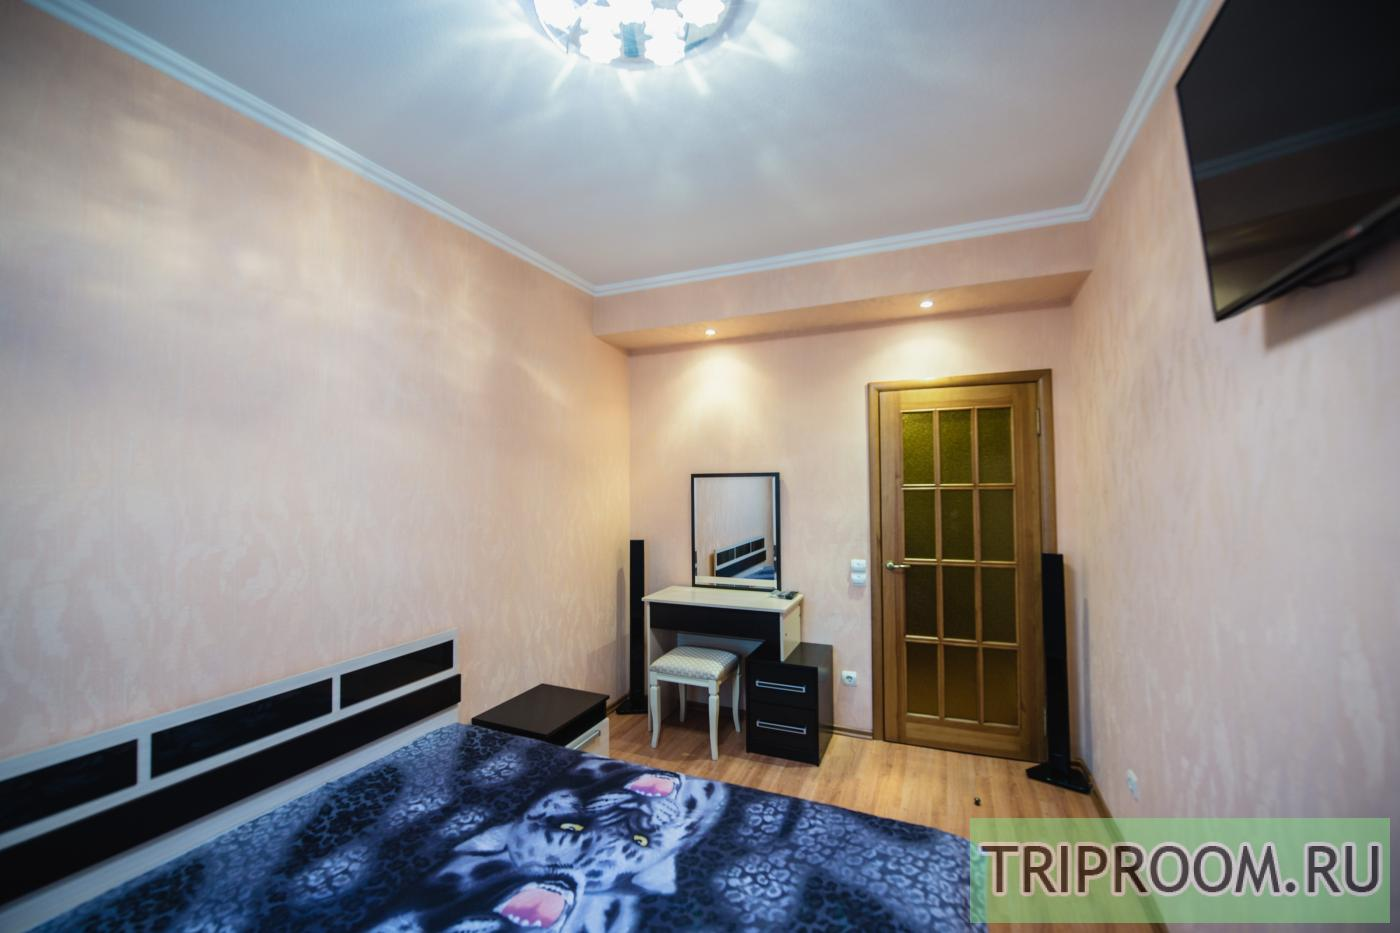 2-комнатная квартира посуточно (вариант № 14781), ул. Твардовского улица, фото № 5